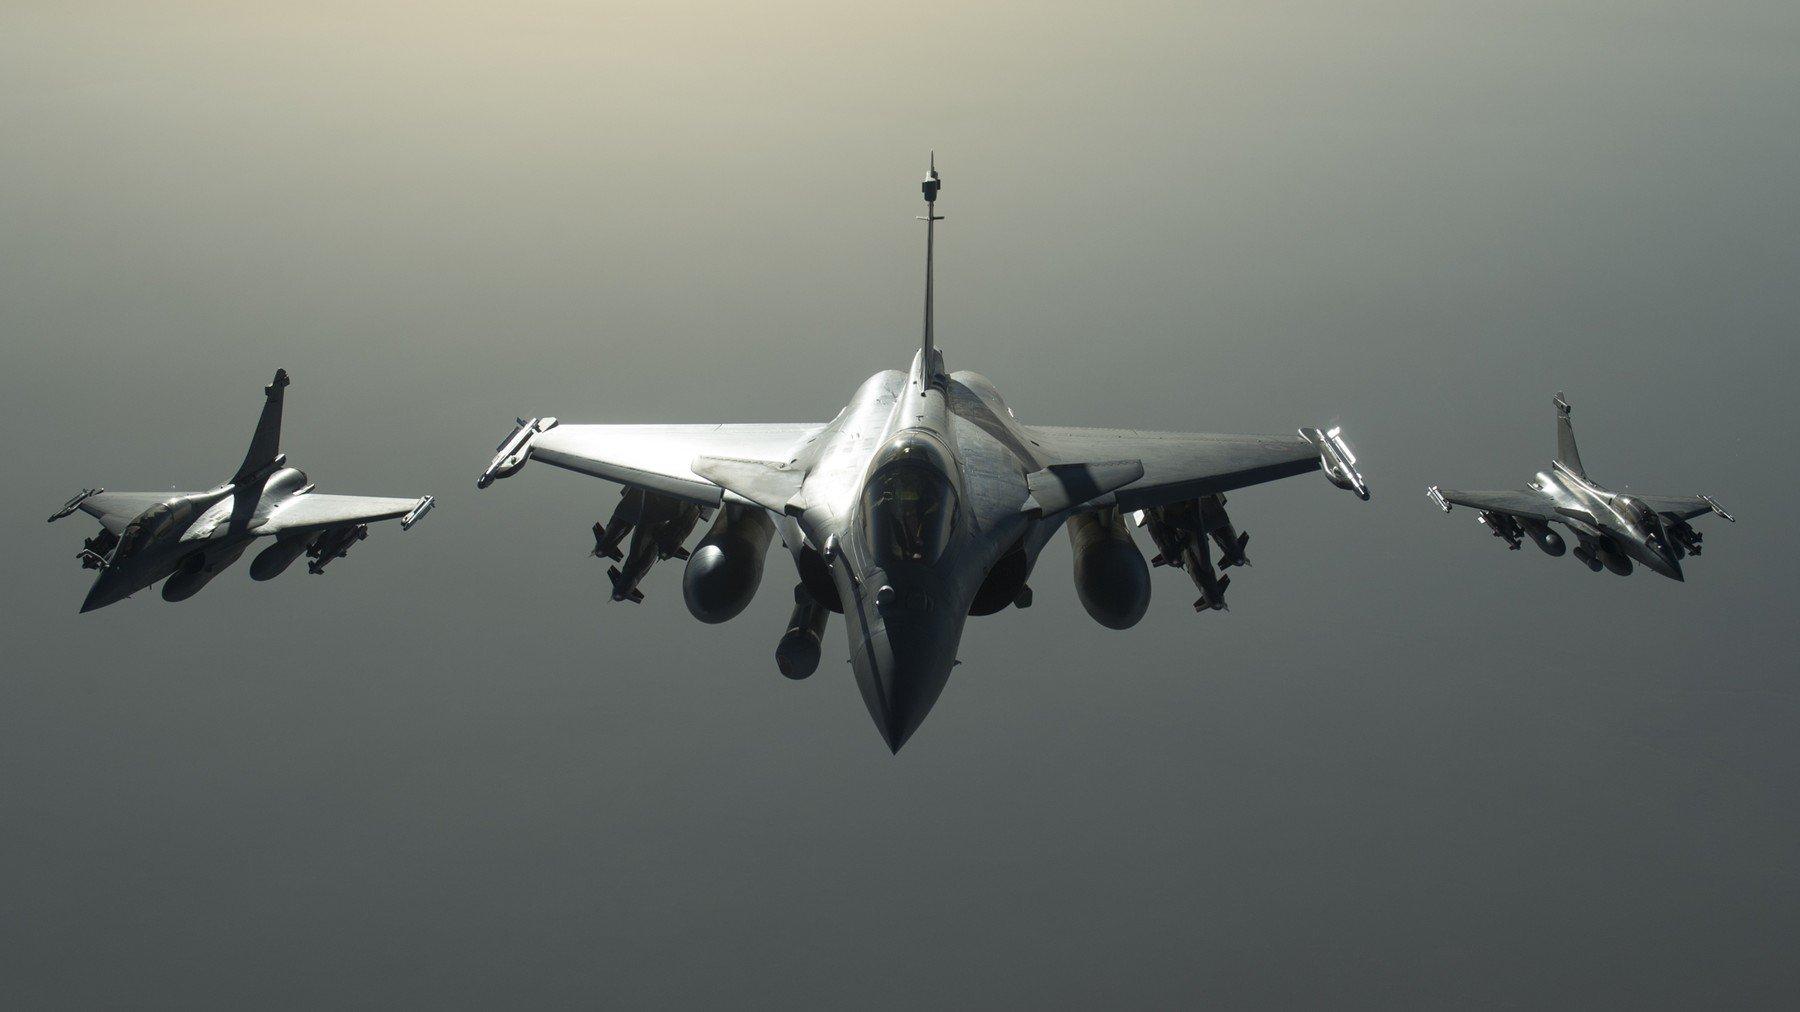 Francuski Dassault Rafale borbeni zrakoplovi iznad Sirije